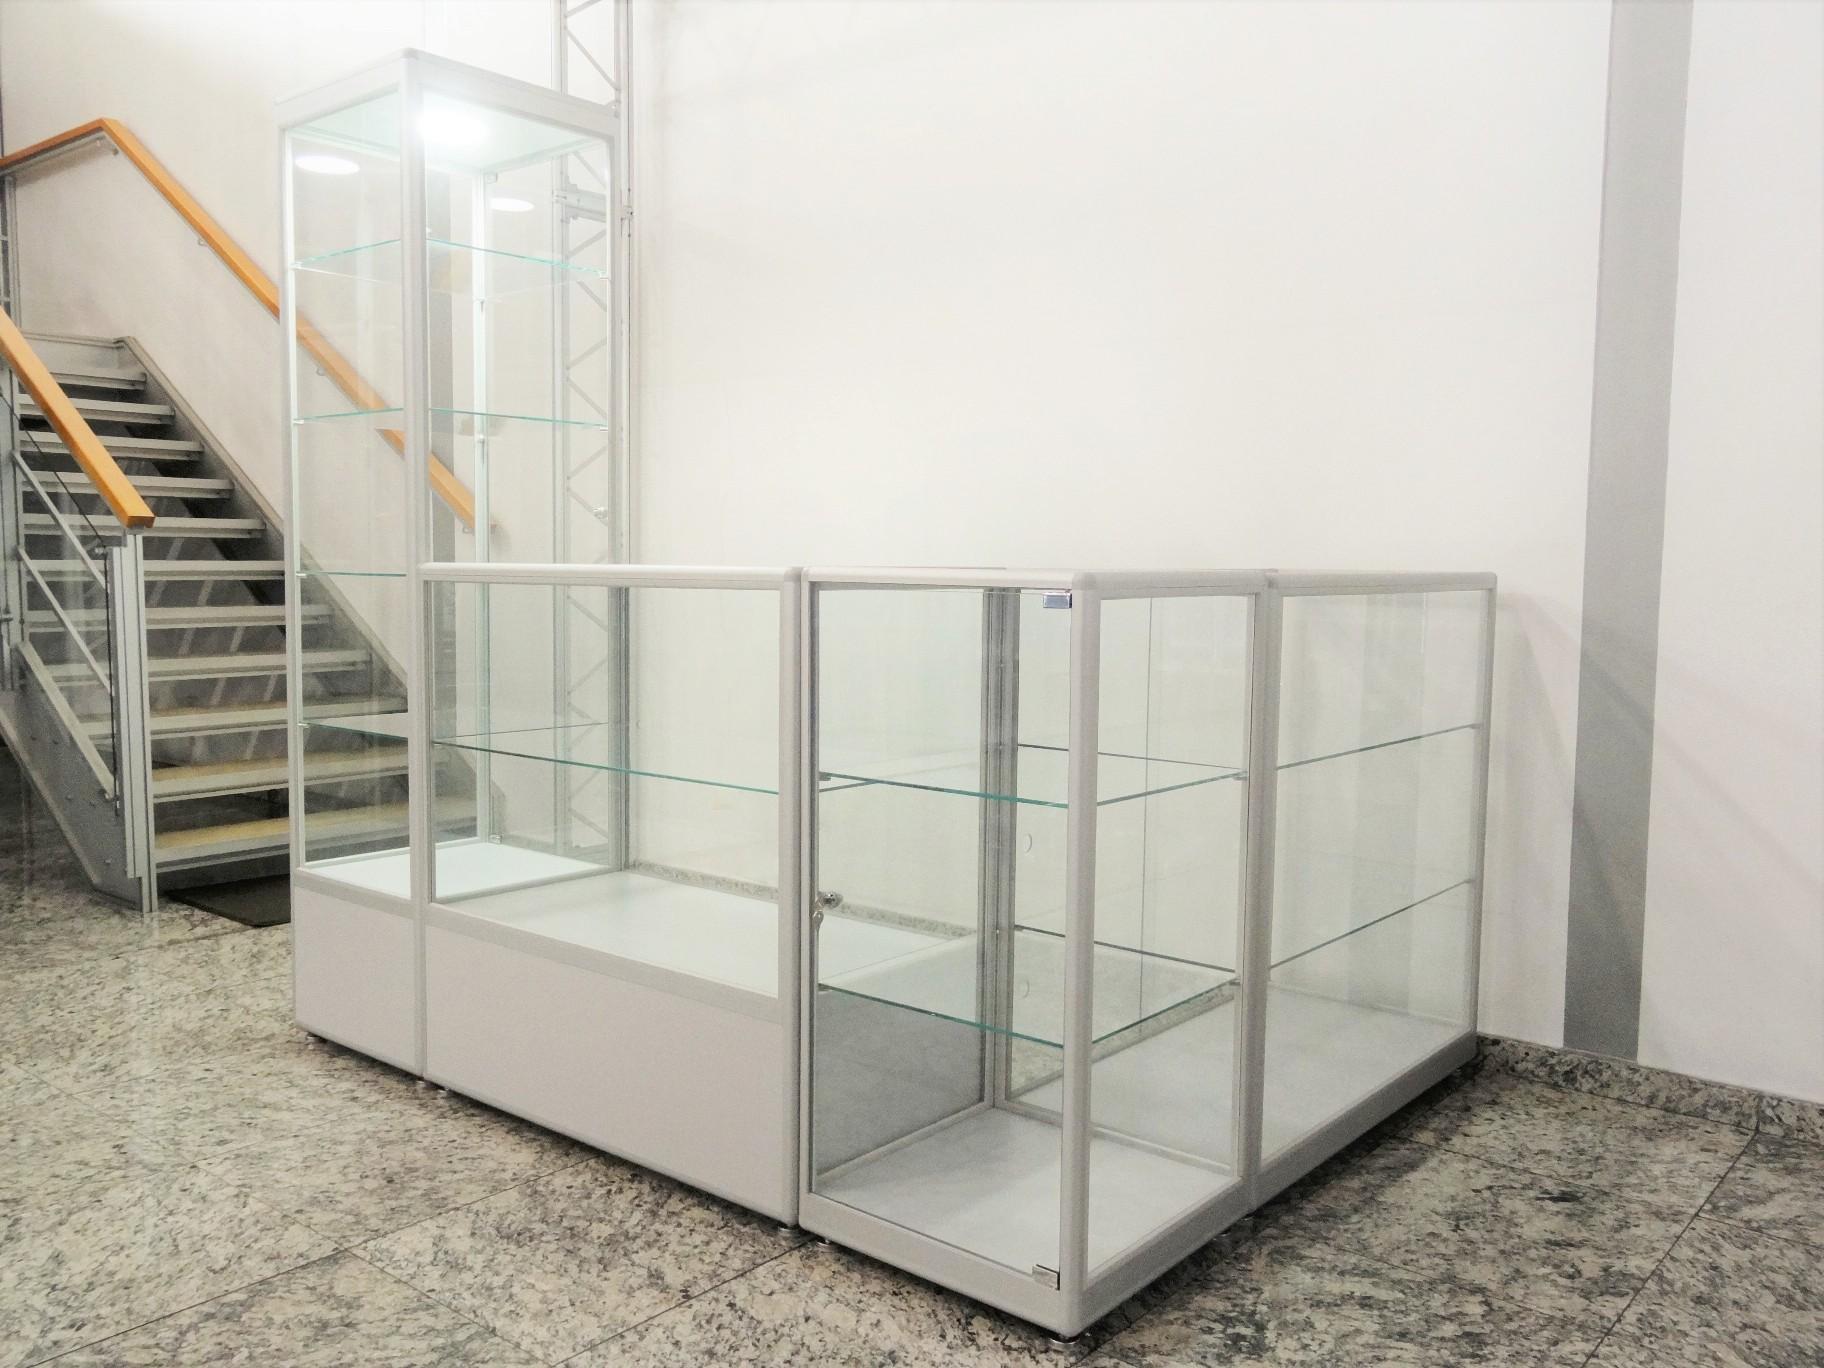 Conjunto de vitrines linha PDV formando um quiosque. Ideal para formar quiosques em lojas ou corredores de shopping center.